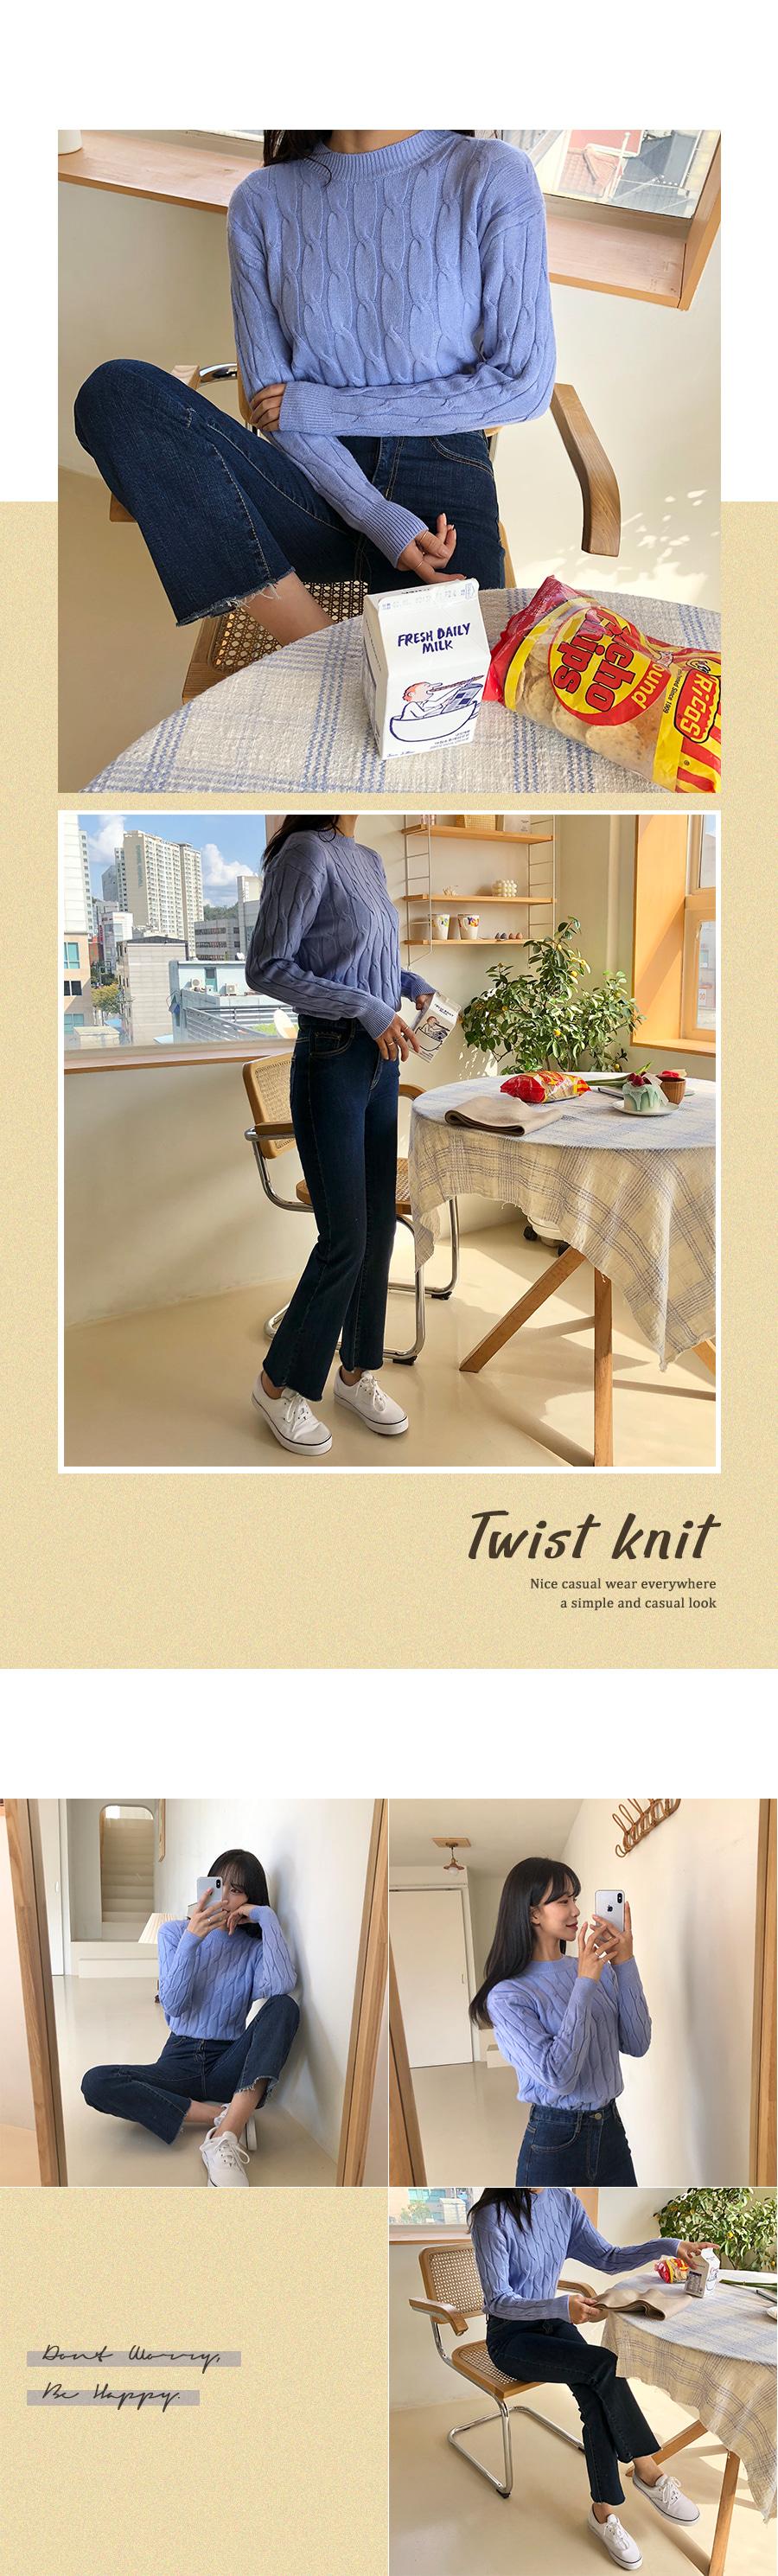 Coil pretzel round knit